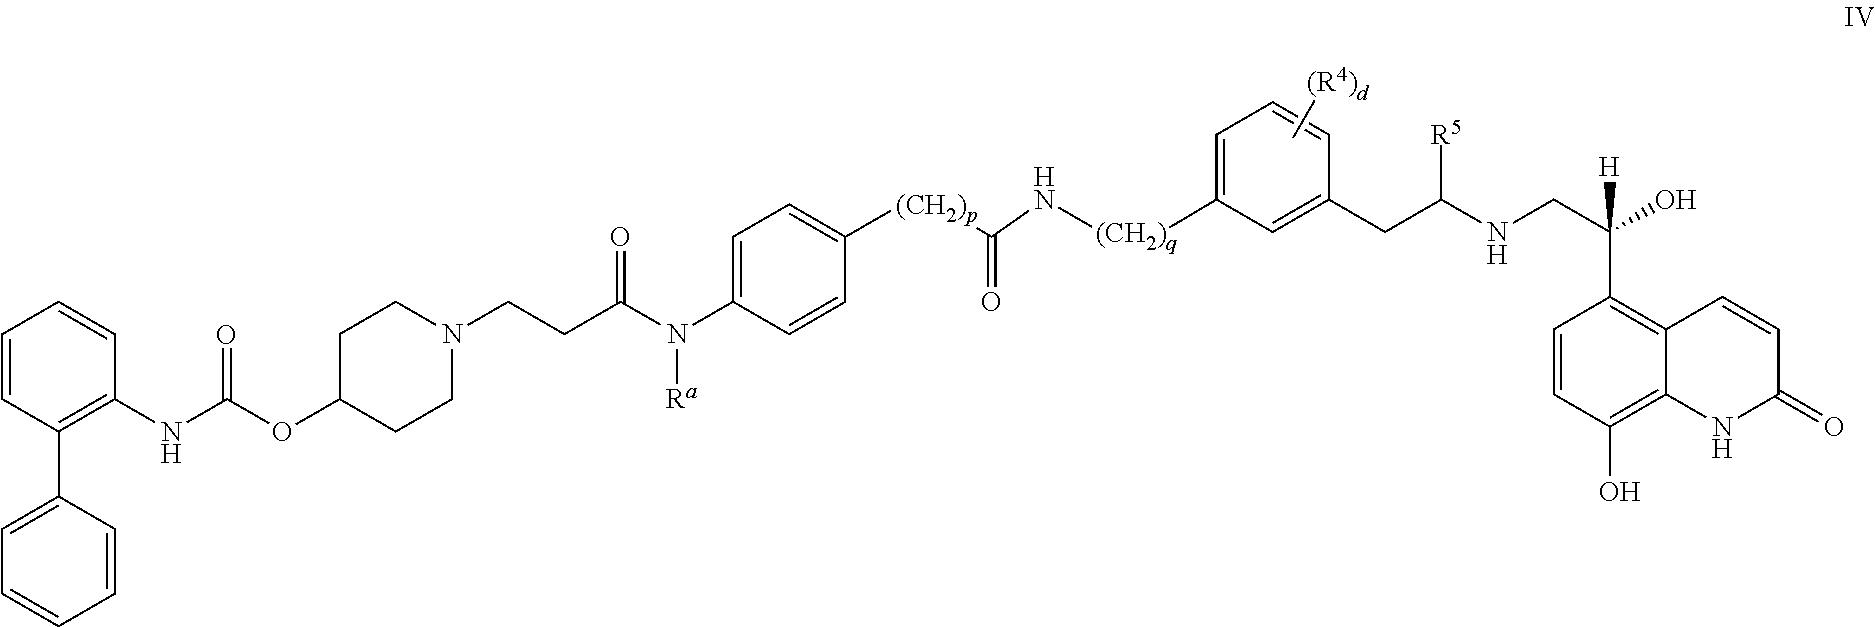 Figure US10138220-20181127-C00356